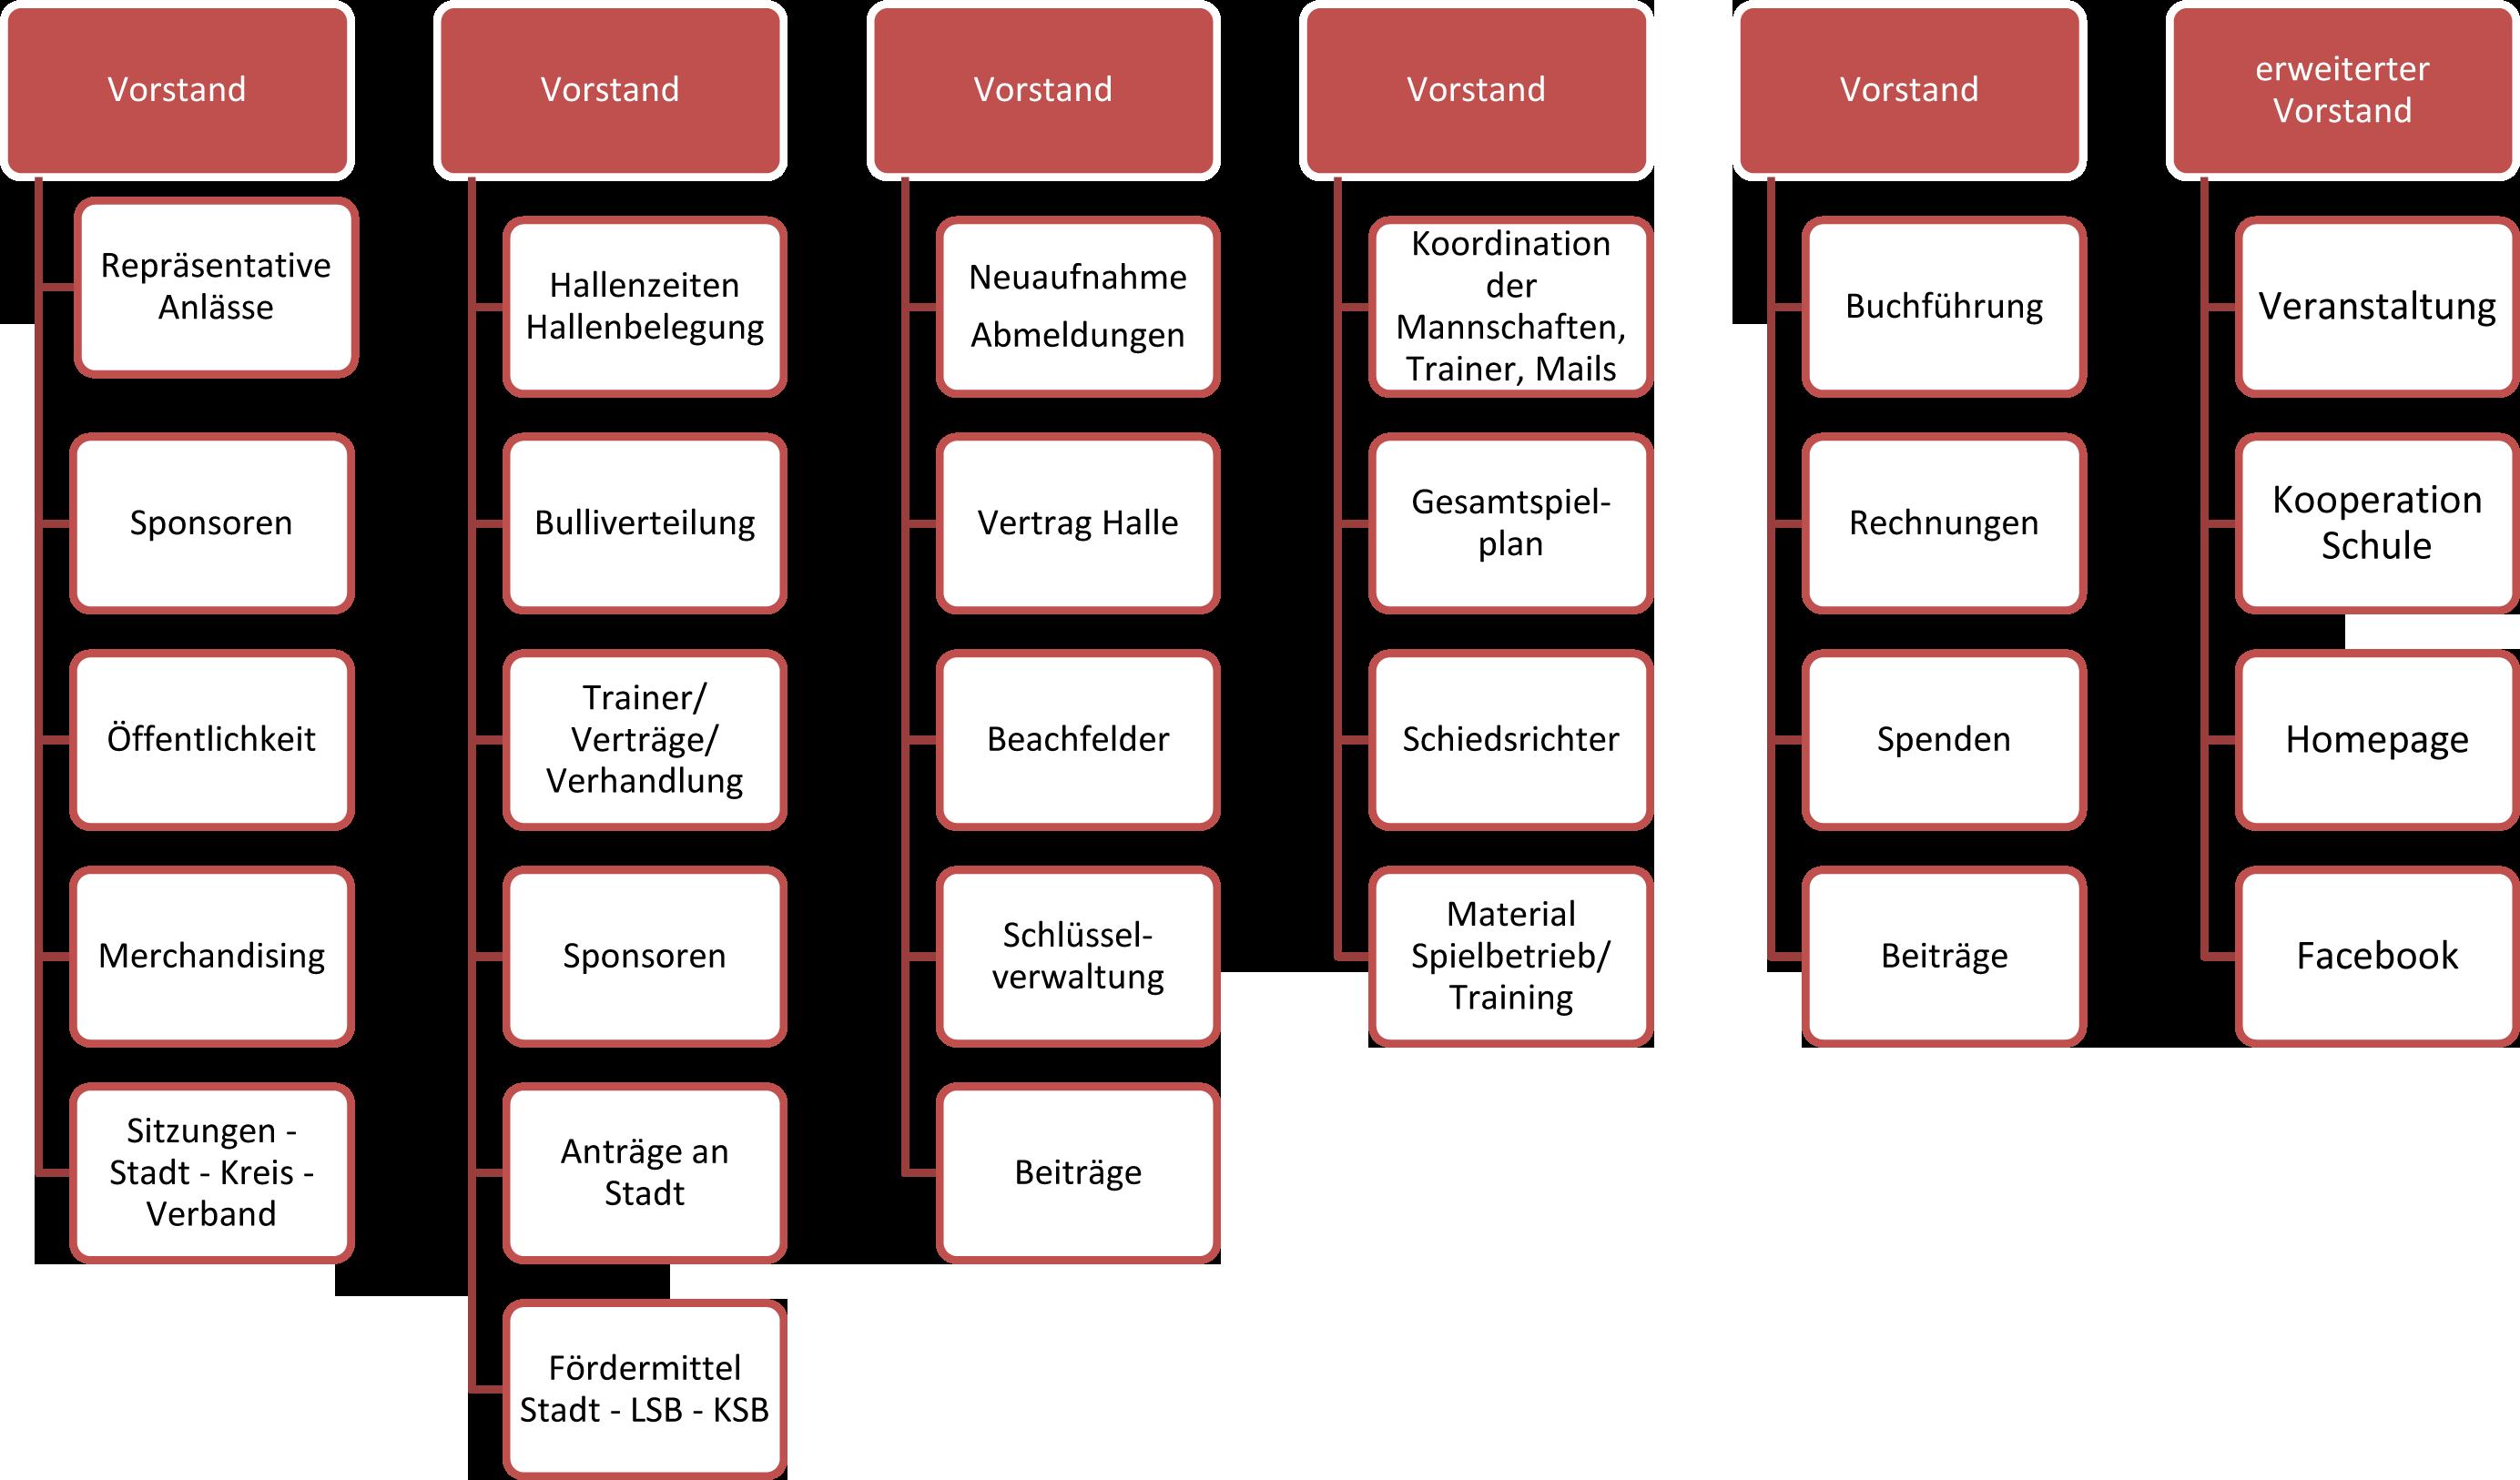 Vorstandsstrukturierung.png